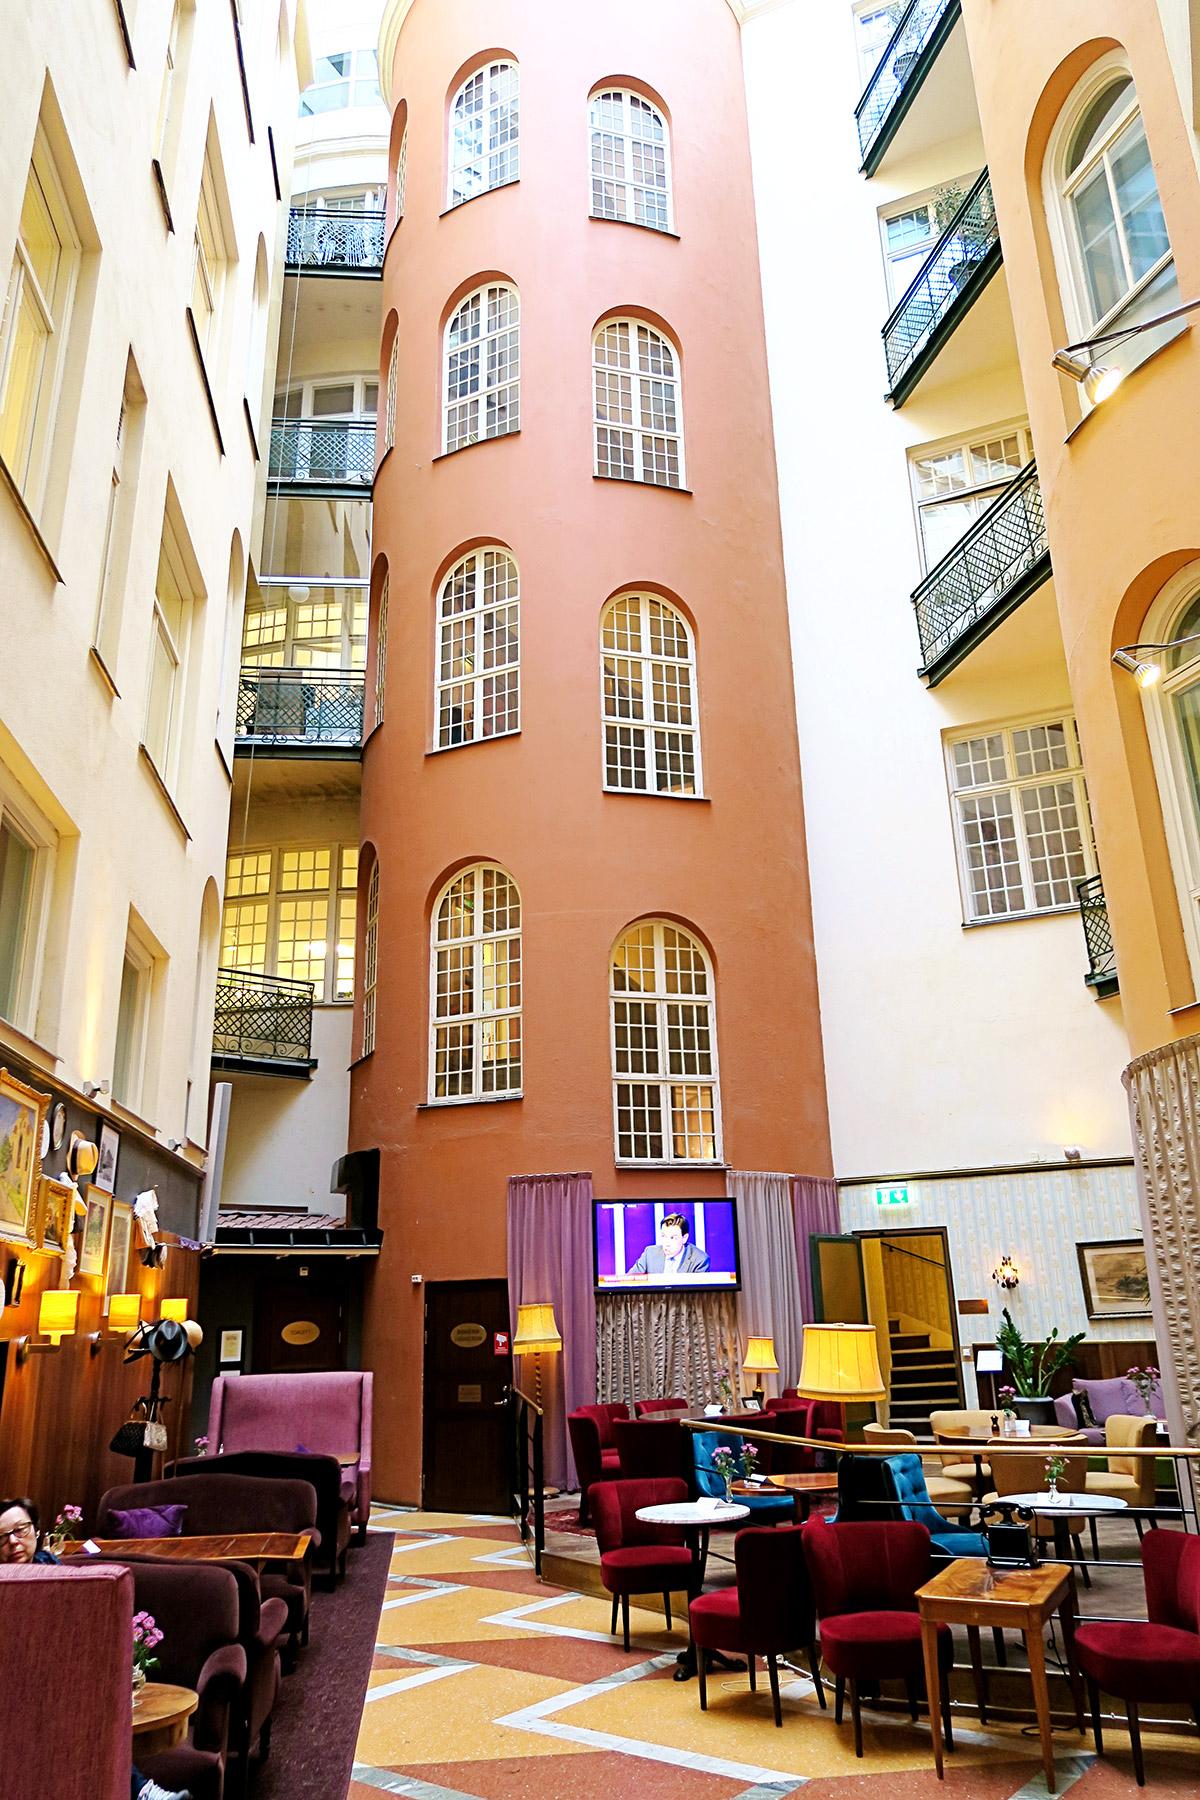 stockholm 2015zl